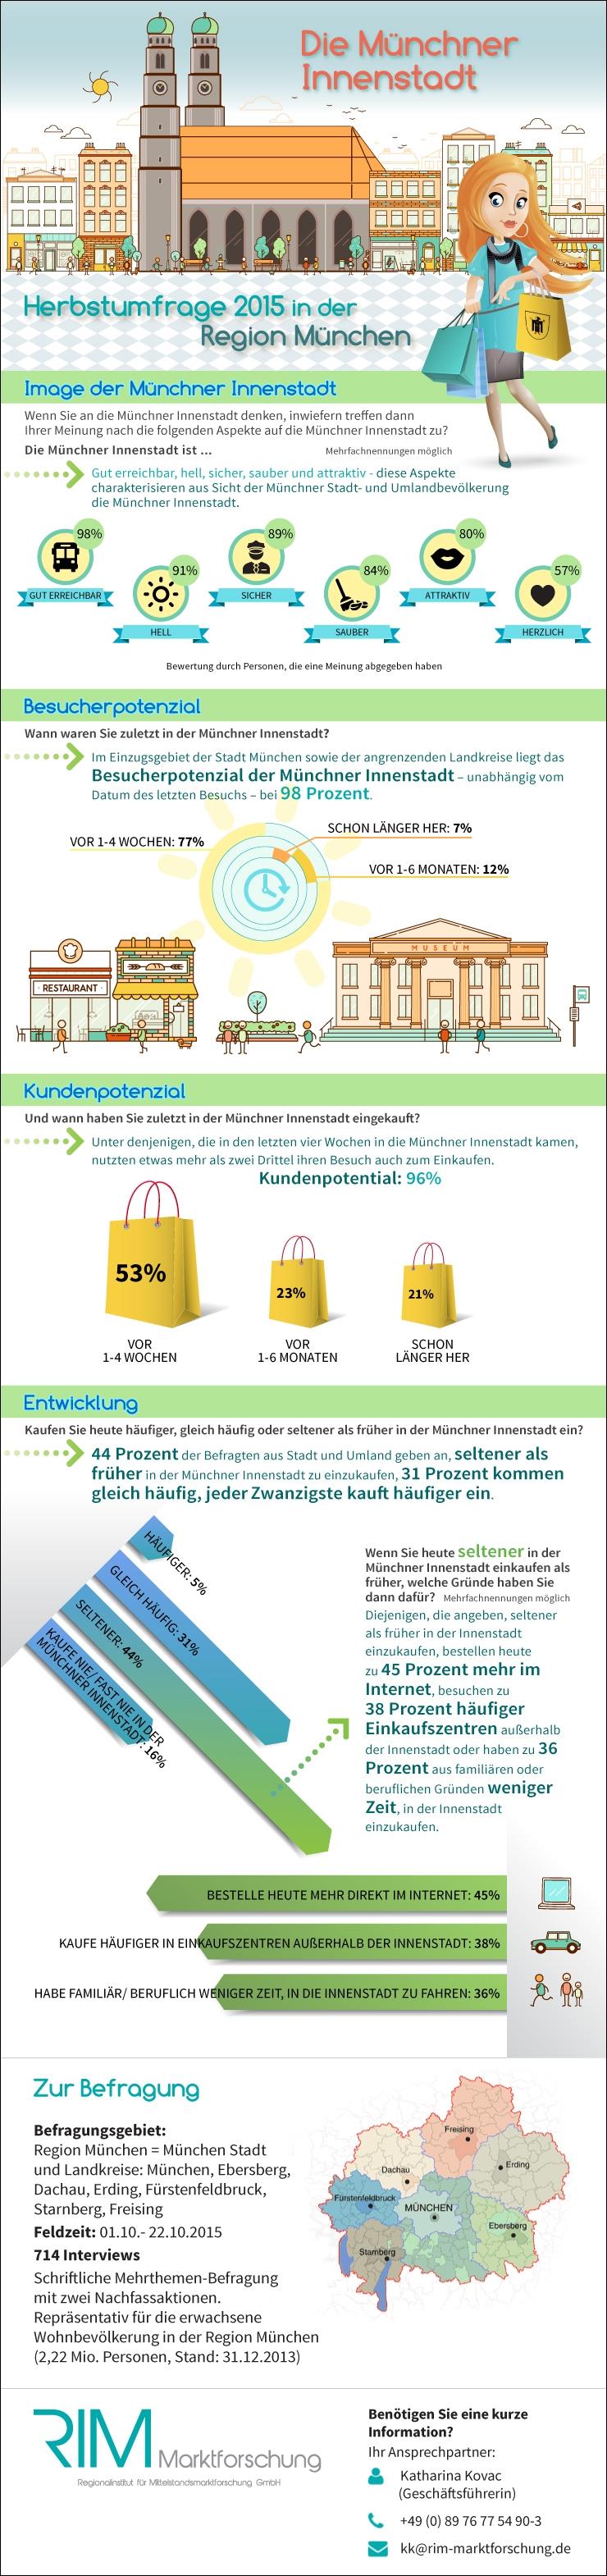 Die Muenchner Innenstadt_Herbstumfrage 2015 in der Region Muenchen